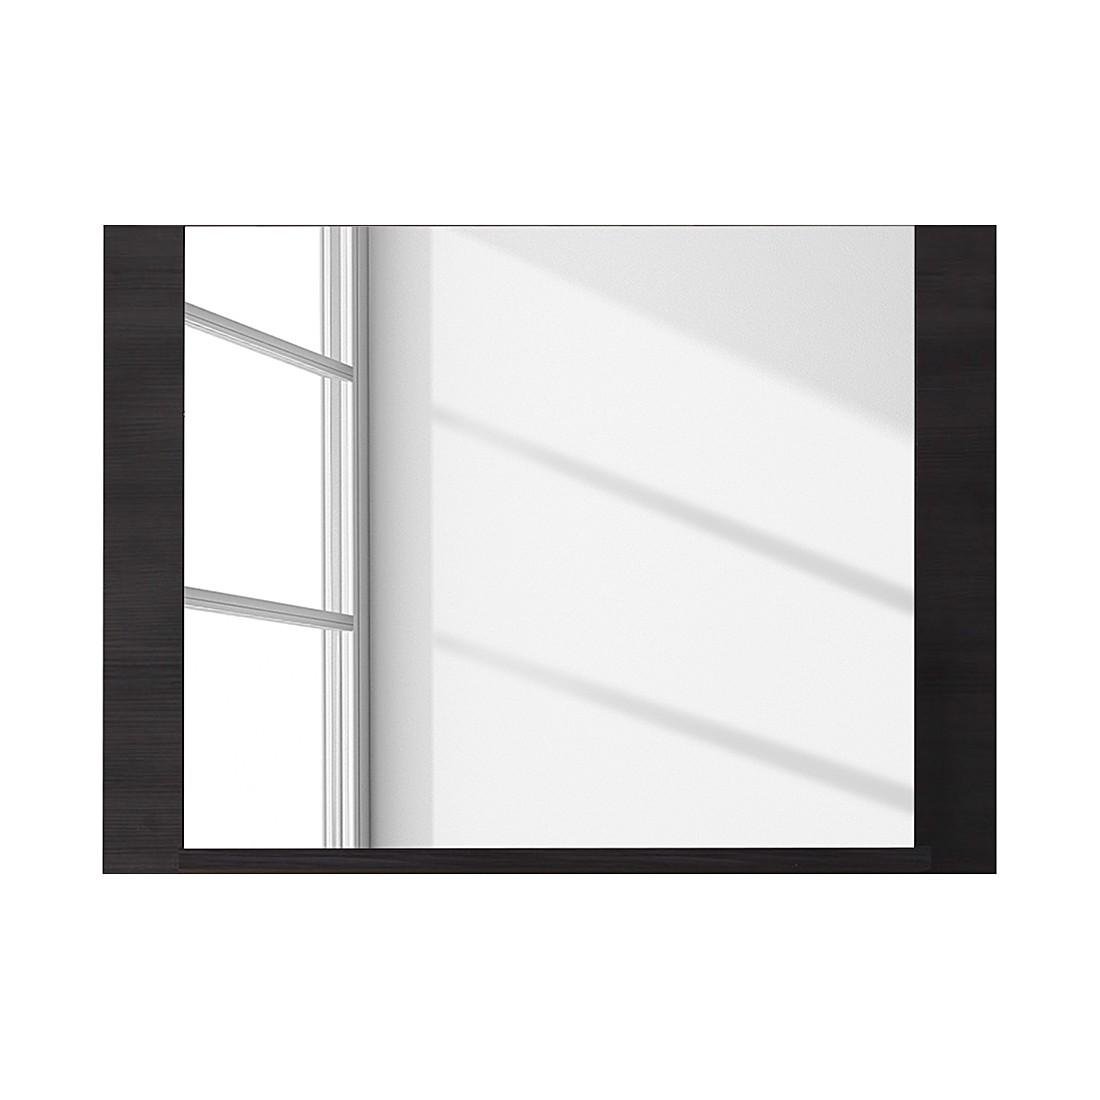 spiegel archives. Black Bedroom Furniture Sets. Home Design Ideas